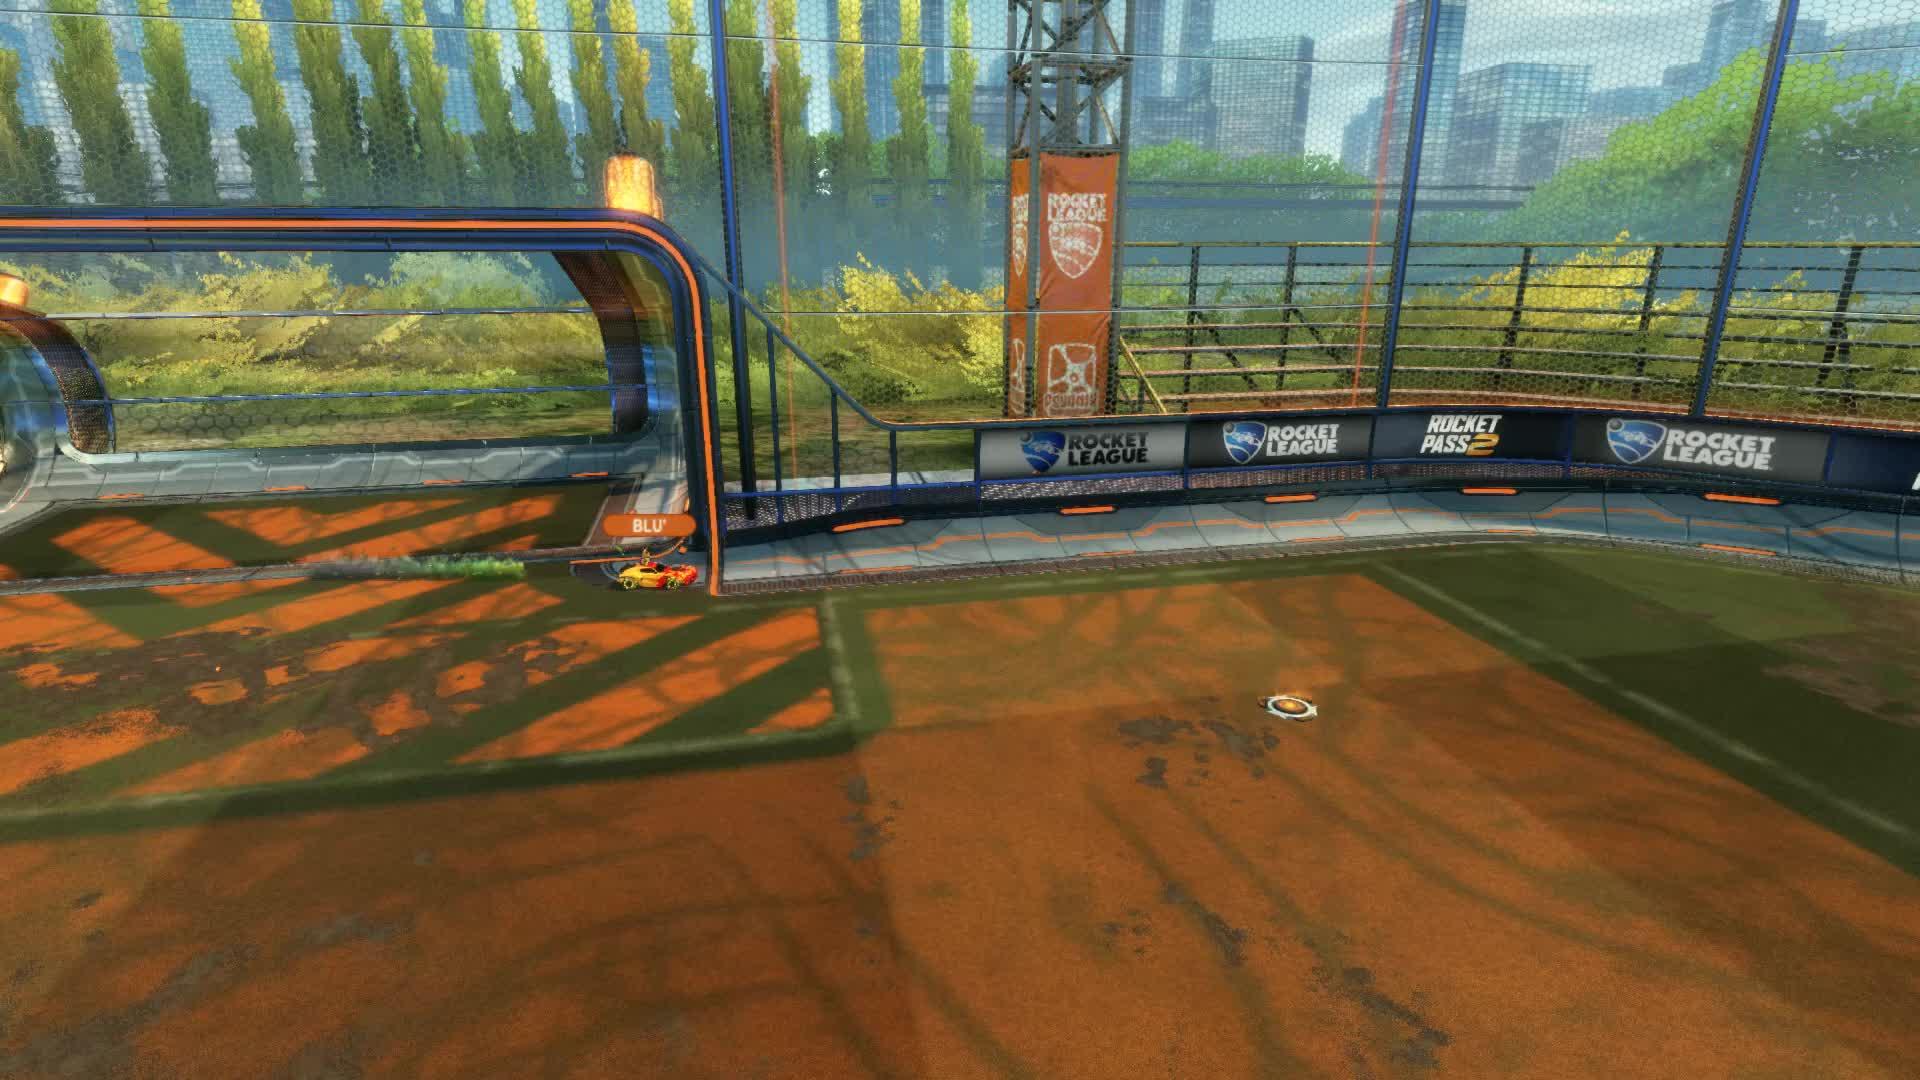 RocketLeague, Rocket League | Poor Blu' GIFs